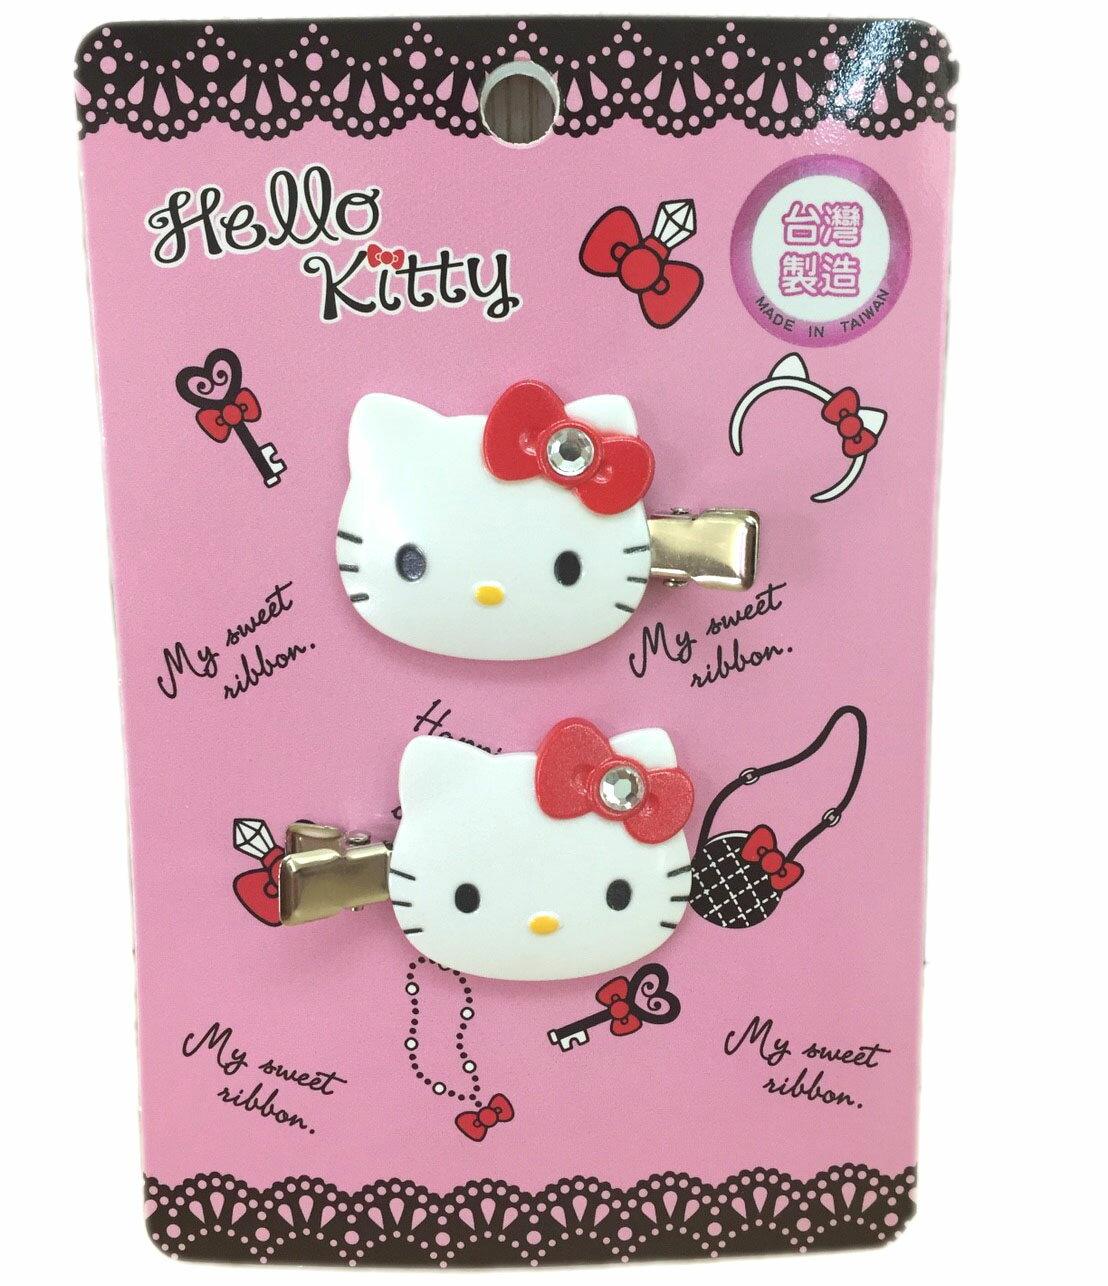 【真愛日本】16080300016髮前夾-KT大頭鑲鑽紅結三麗鷗 Hello Kitty 凱蒂貓 髮飾 飾品 正品